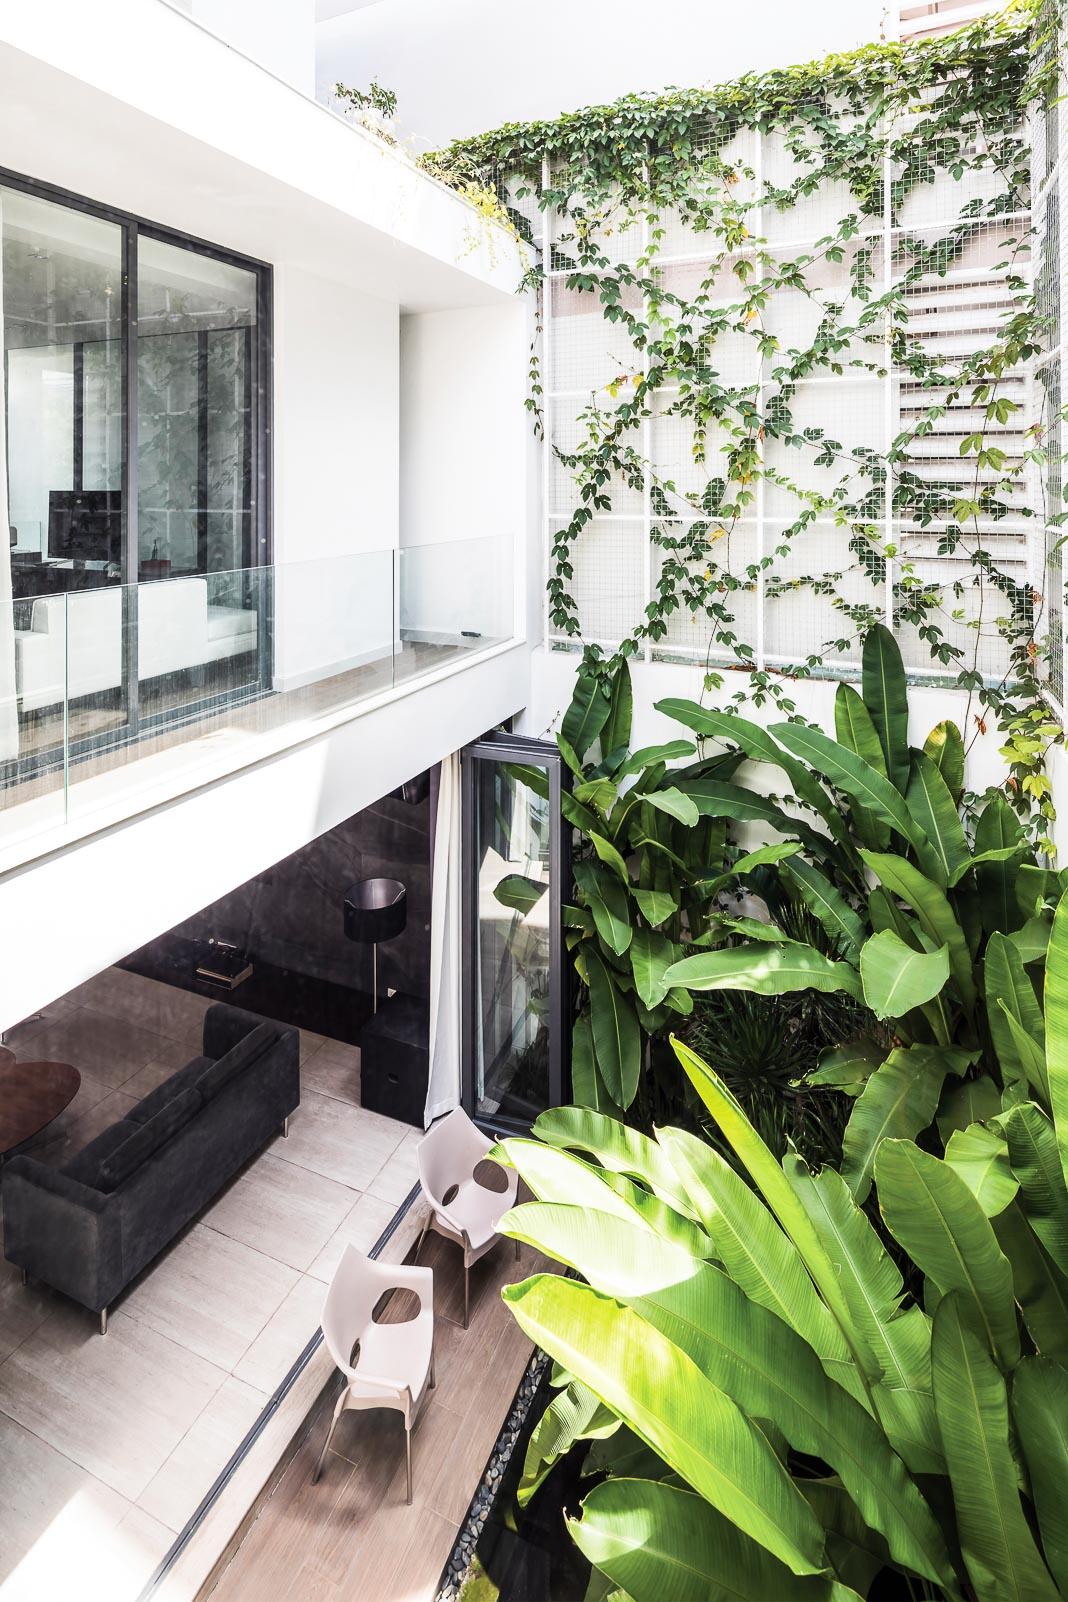 Vườn sau không chỉ đem lại cảm giác thiên nhiên cho không gian sinh hoạt chung dưới tầng trệt mà còn giống như một lõi xanh trên cao để các phòng ngủ cũng có view nhìn ra mảng xanh thiên nhiên 1